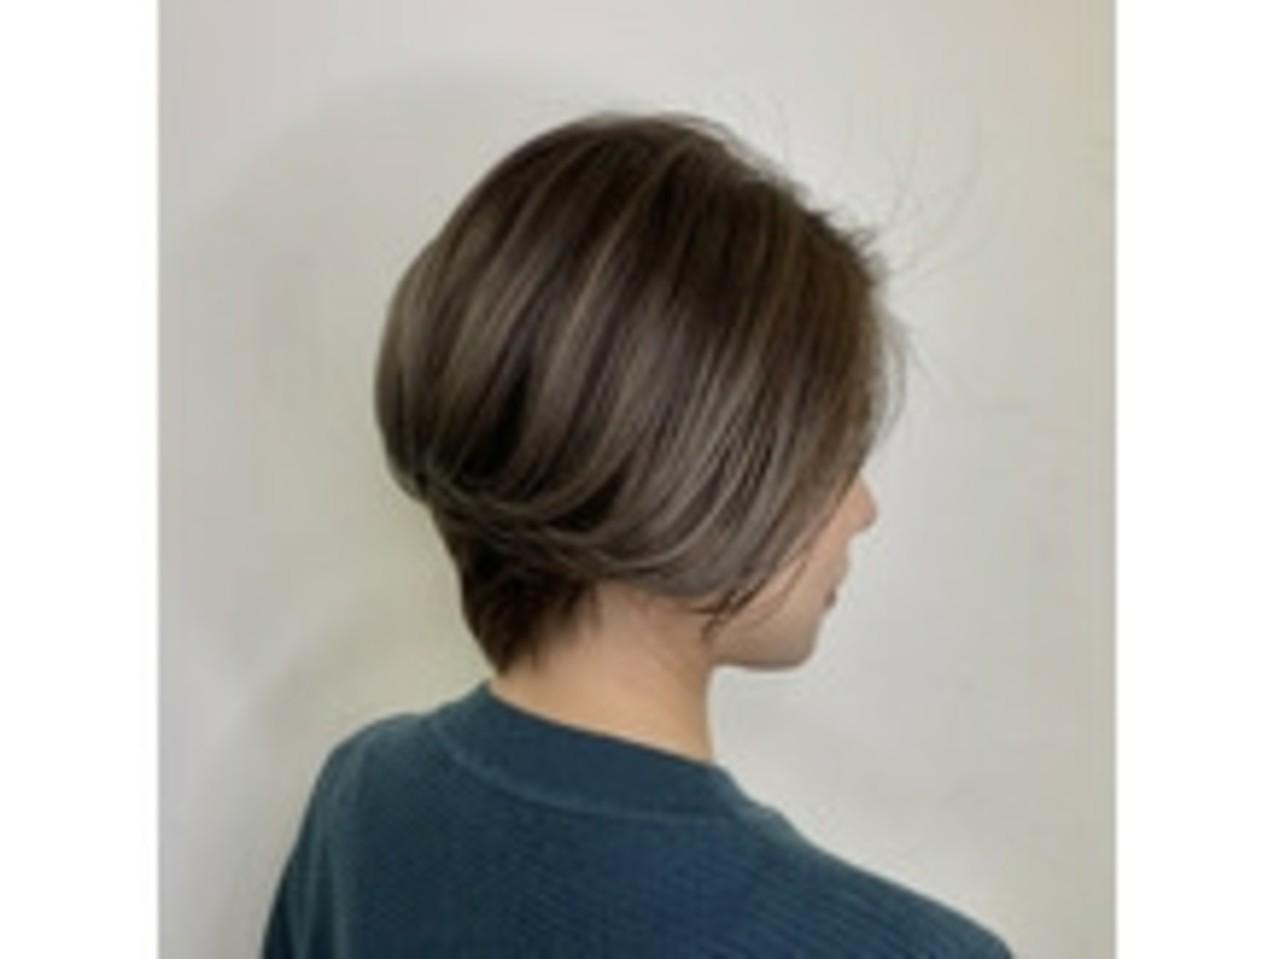 ショート エレガント 透明感 外国人風 ヘアスタイルや髪型の写真・画像 | 竹下 大貴 / ヴァンカウンシル 八尾店